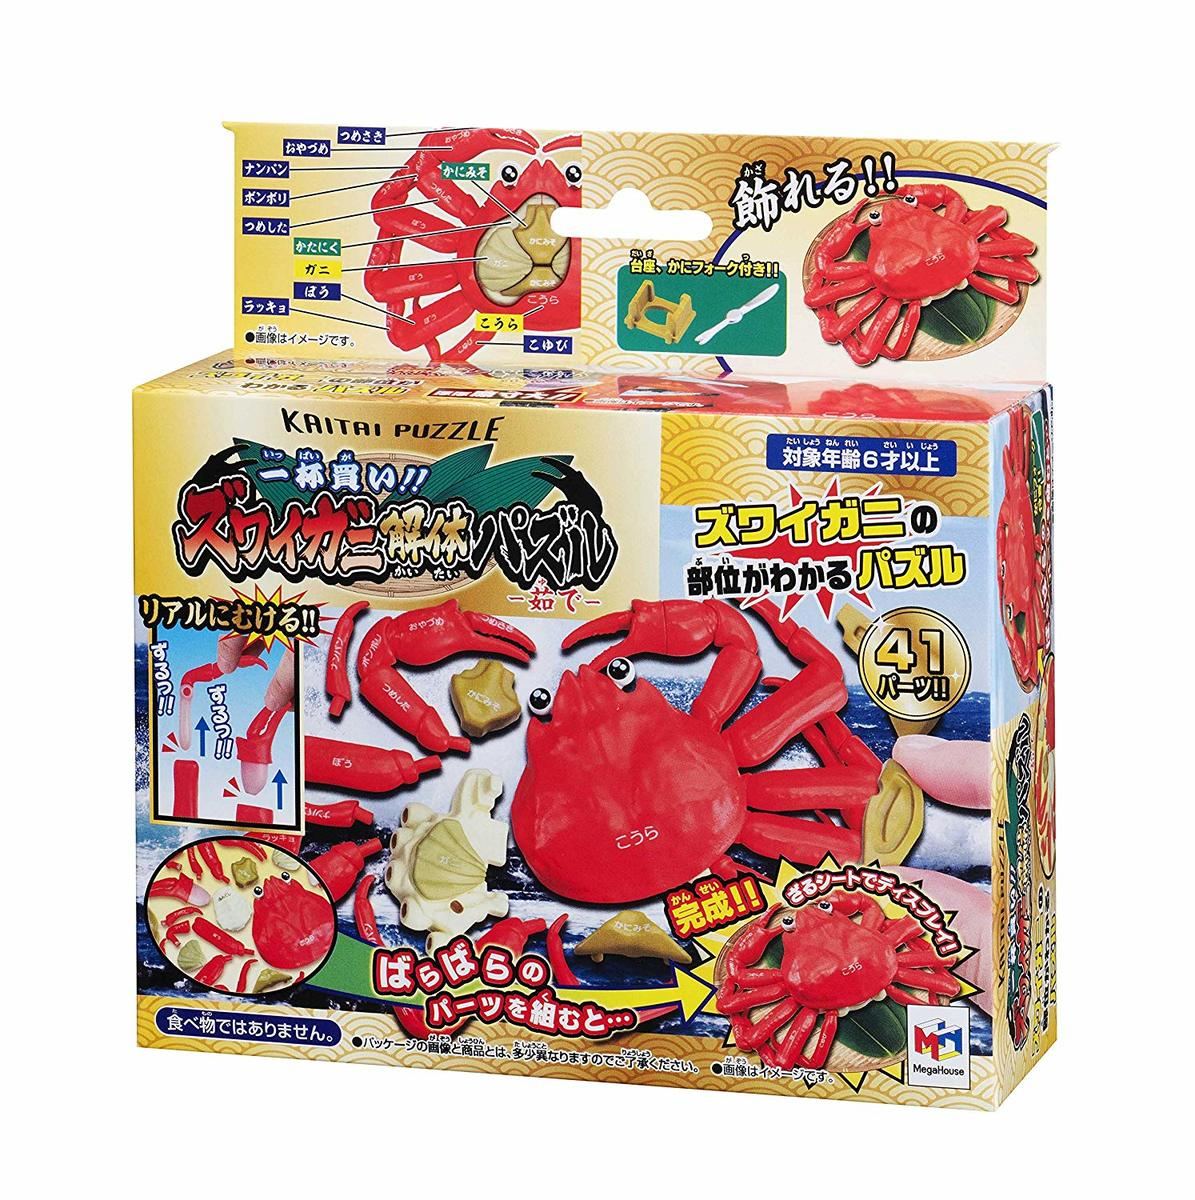 MegaHouse一杯買! 松葉蟹立體拼圖41片桌遊益智玩具